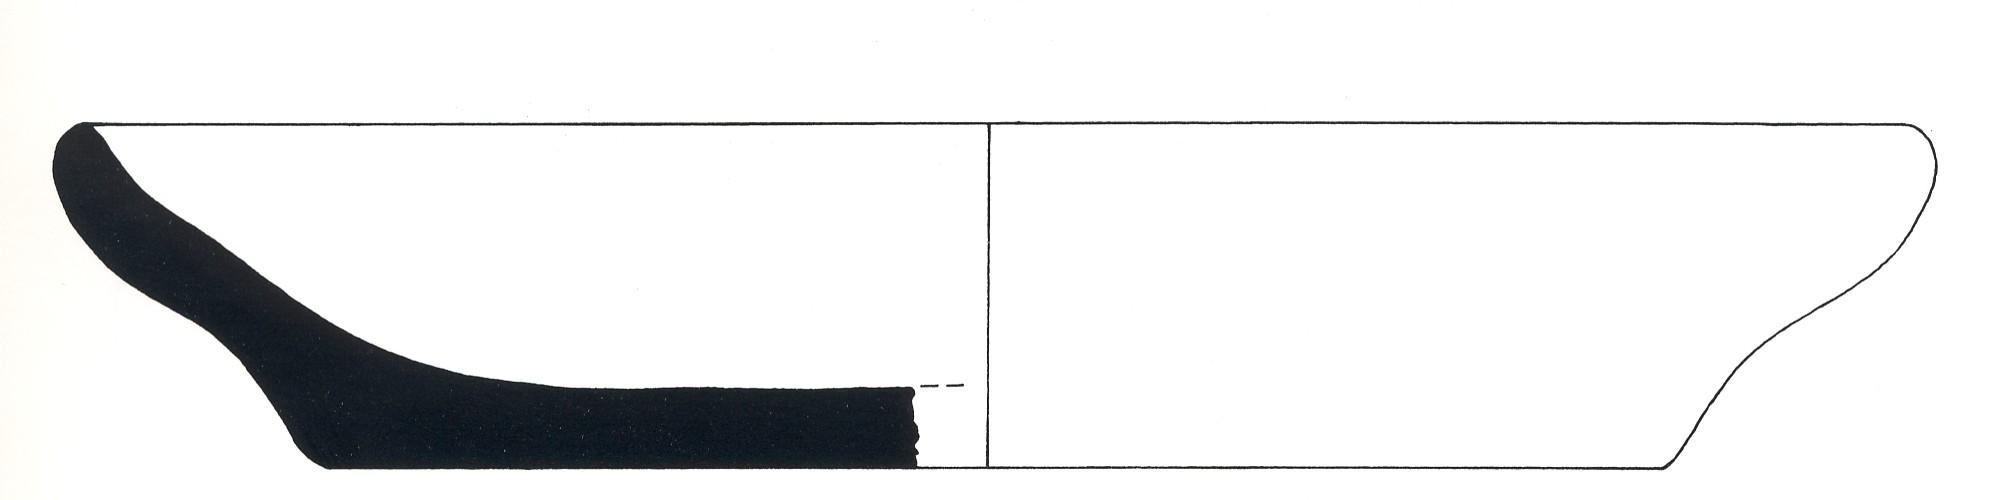 M7 2 C-91-111. 2. Testo. Drawing